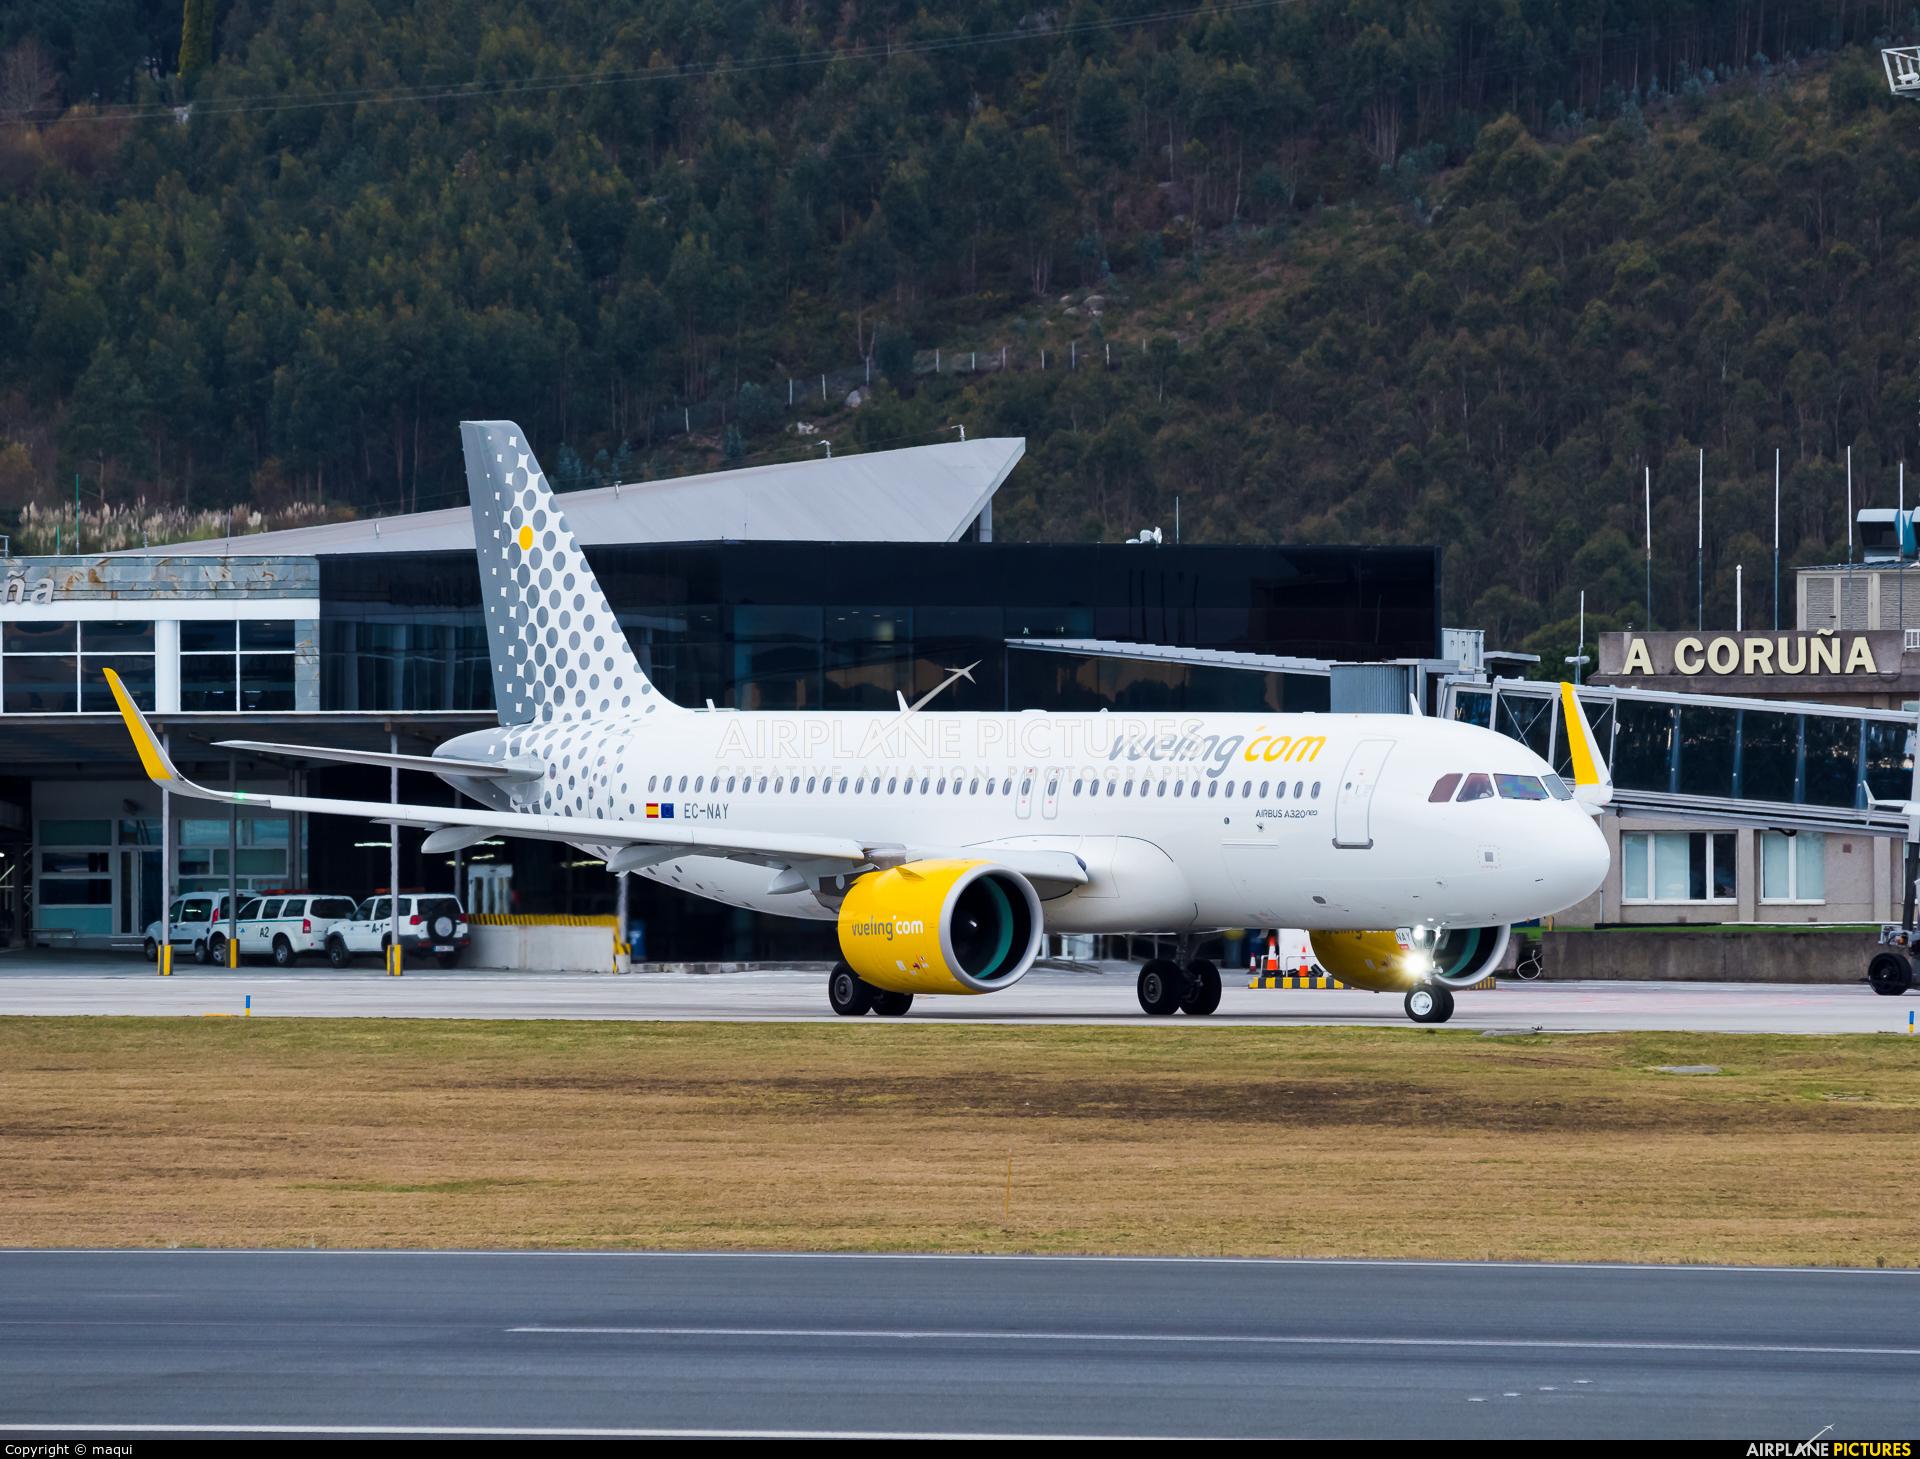 Vueling Airlines EC-NAY aircraft at La Coruña